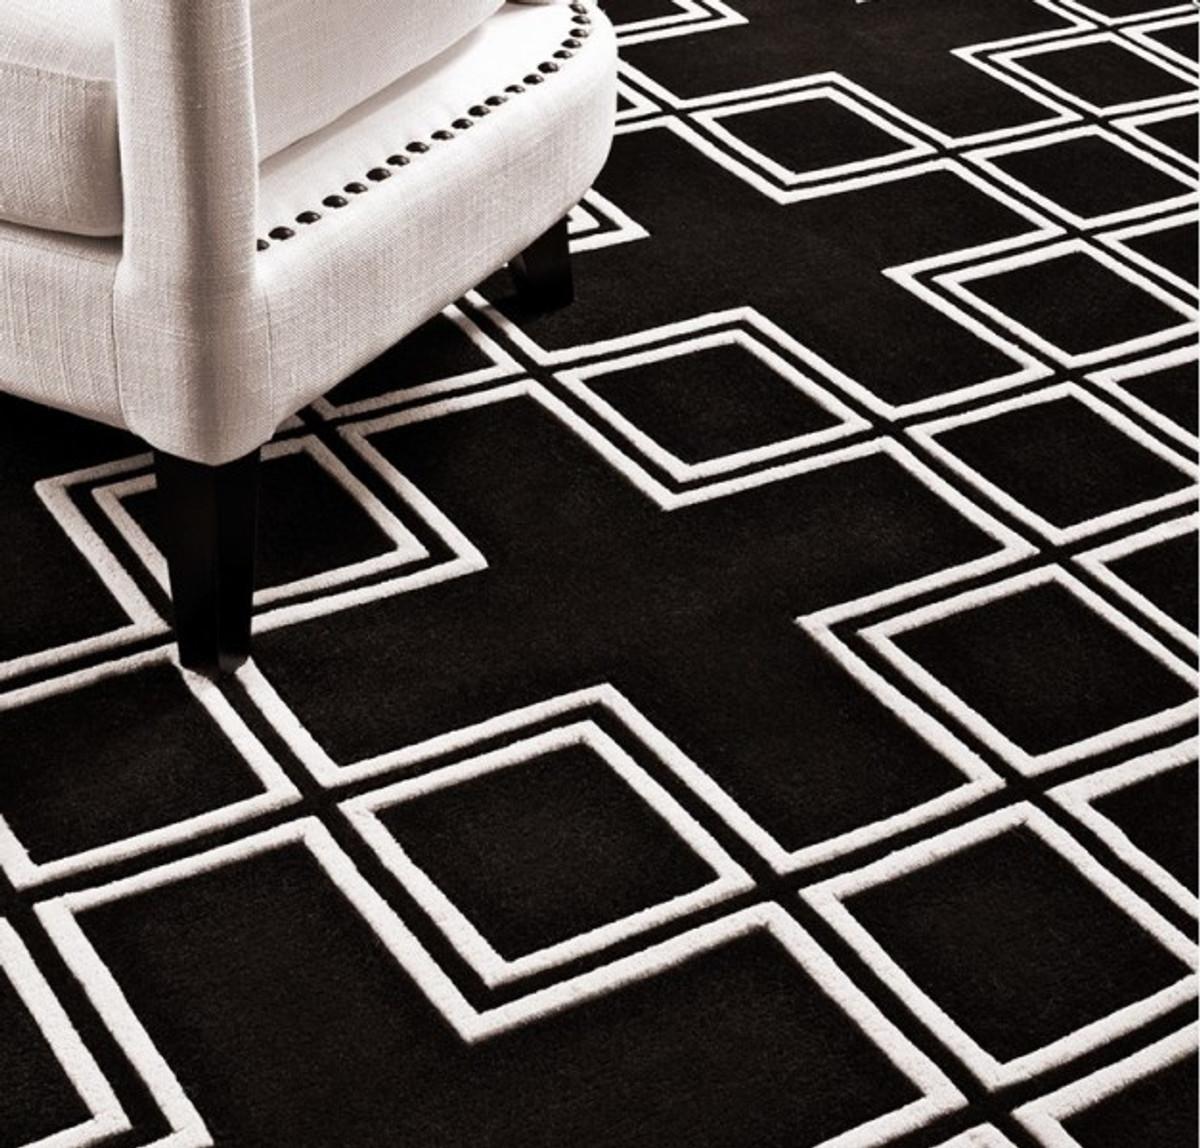 ... Wunderschöner Luxus Teppich Aus 100% Neuseeland Wolle Mit Mäander  Muster, Schwarz / Weiss